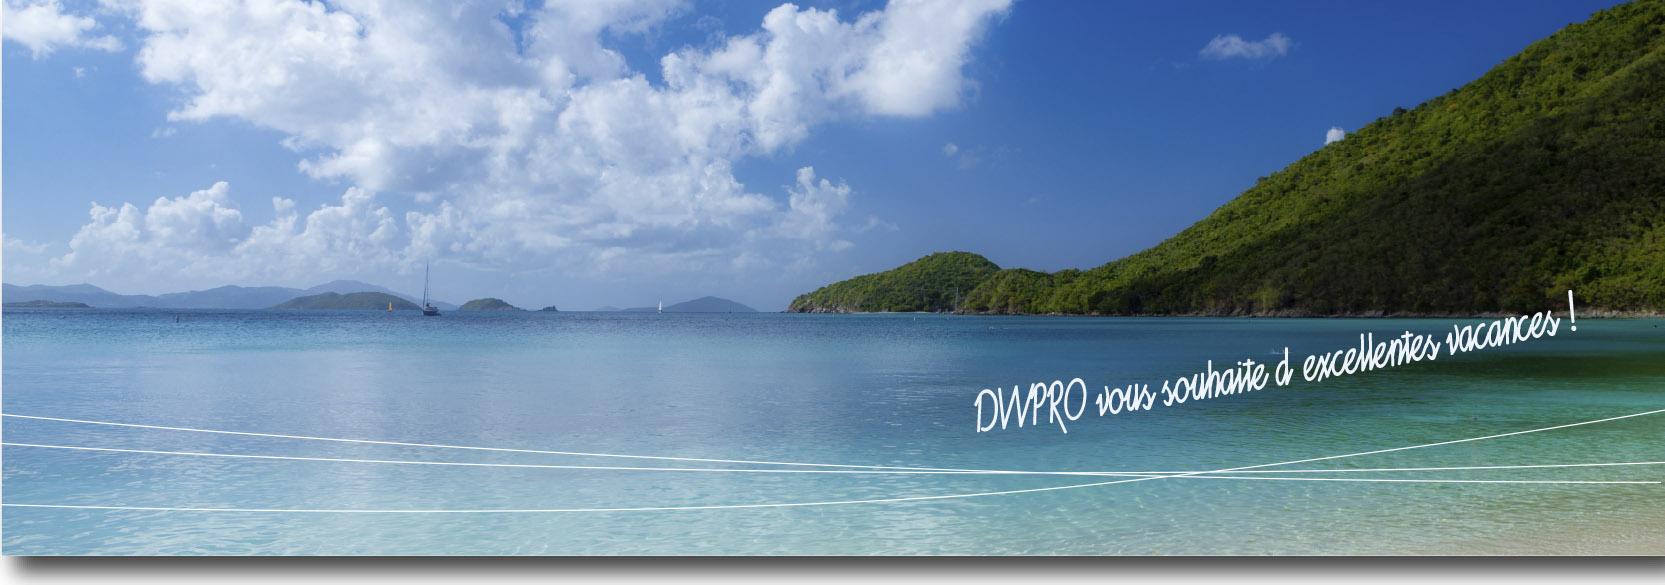 DWPro vous souhaite d´excellentes vacances !